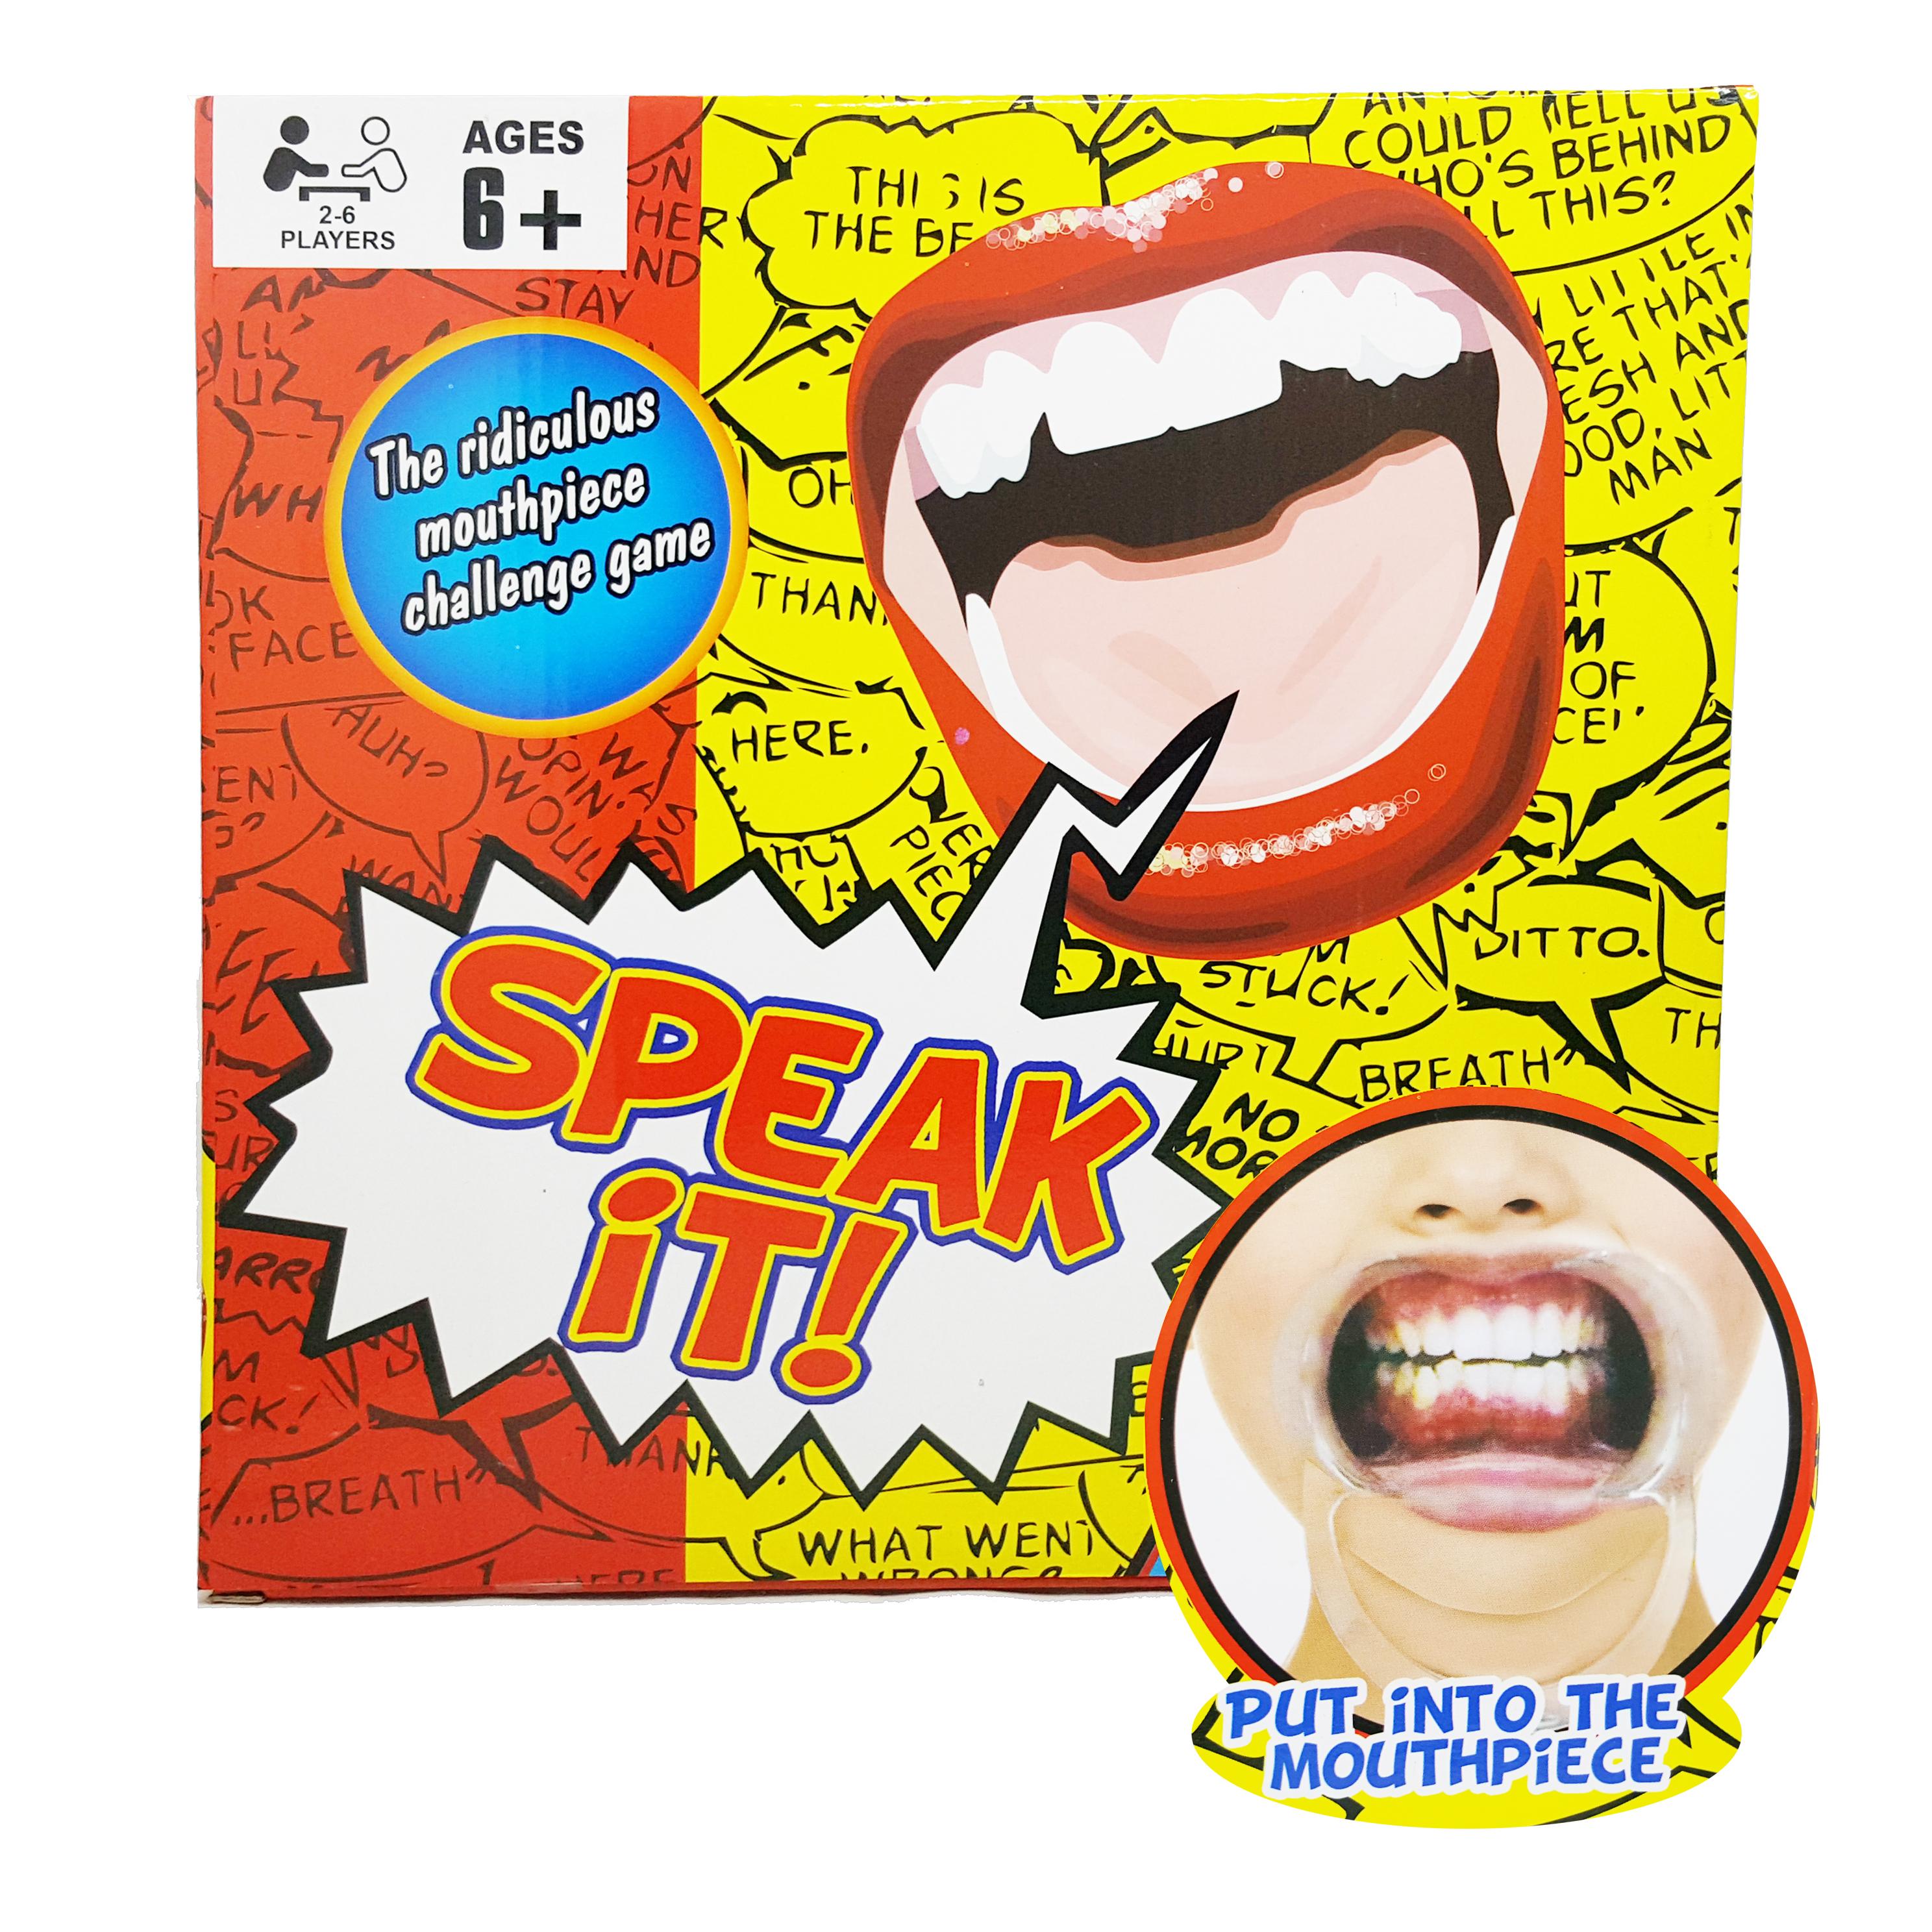 BO050 SPEAK OUT GAME เวอร์ชั่น SPAKE IT แฟมิลี่เกมส์ เกมส์แหกปาก แล้วพูดคำศัพท์ สนุกปน ฮ่า กับเพื่อนๆ หรือ ครอบครัว